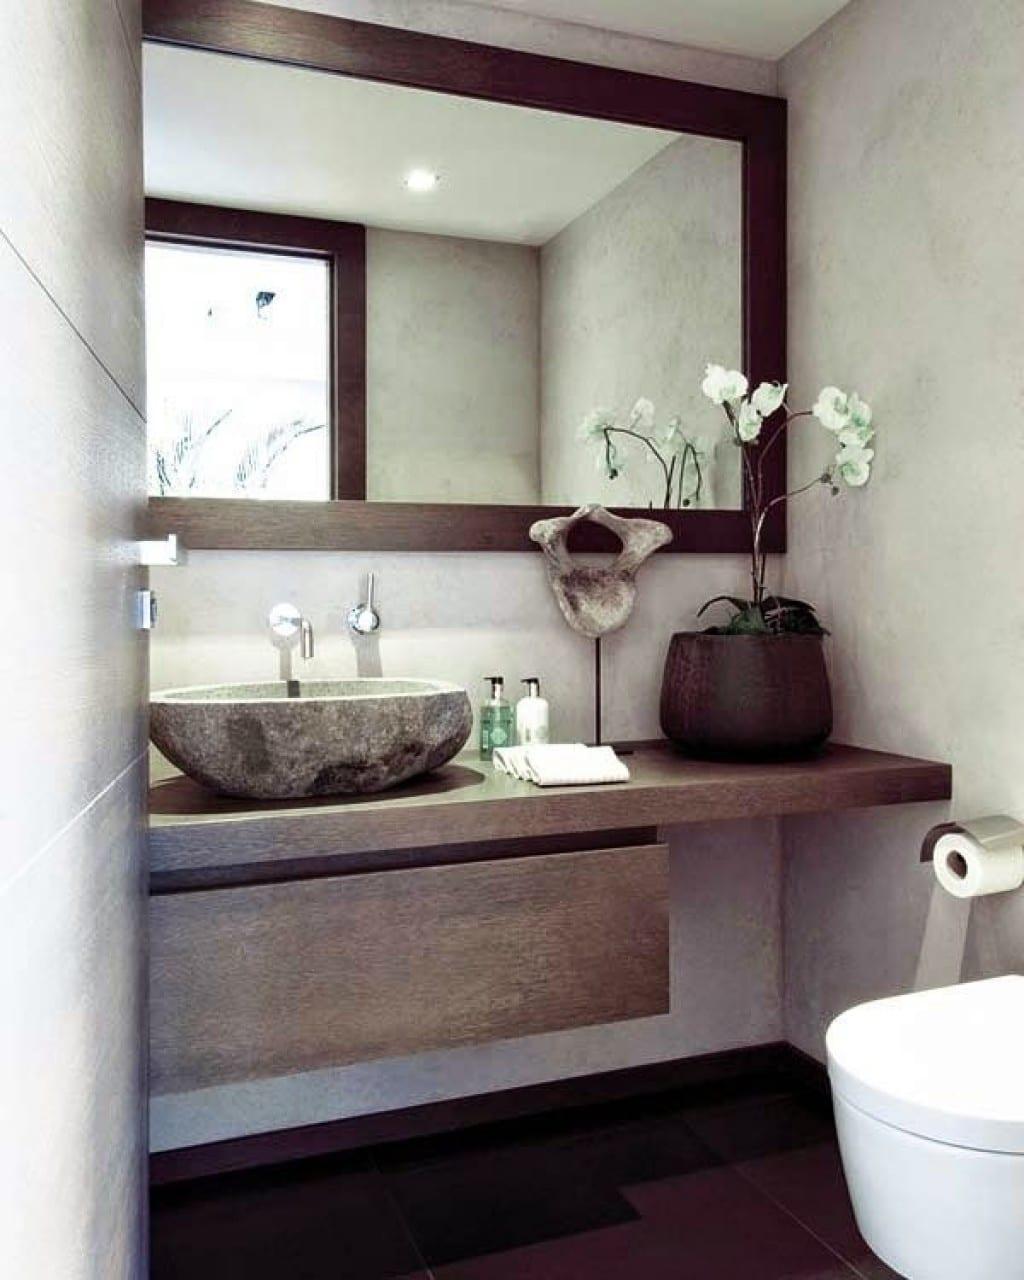 4+1 λάθη που κάνετε όταν διακοσμείτε το μπάνιο σας